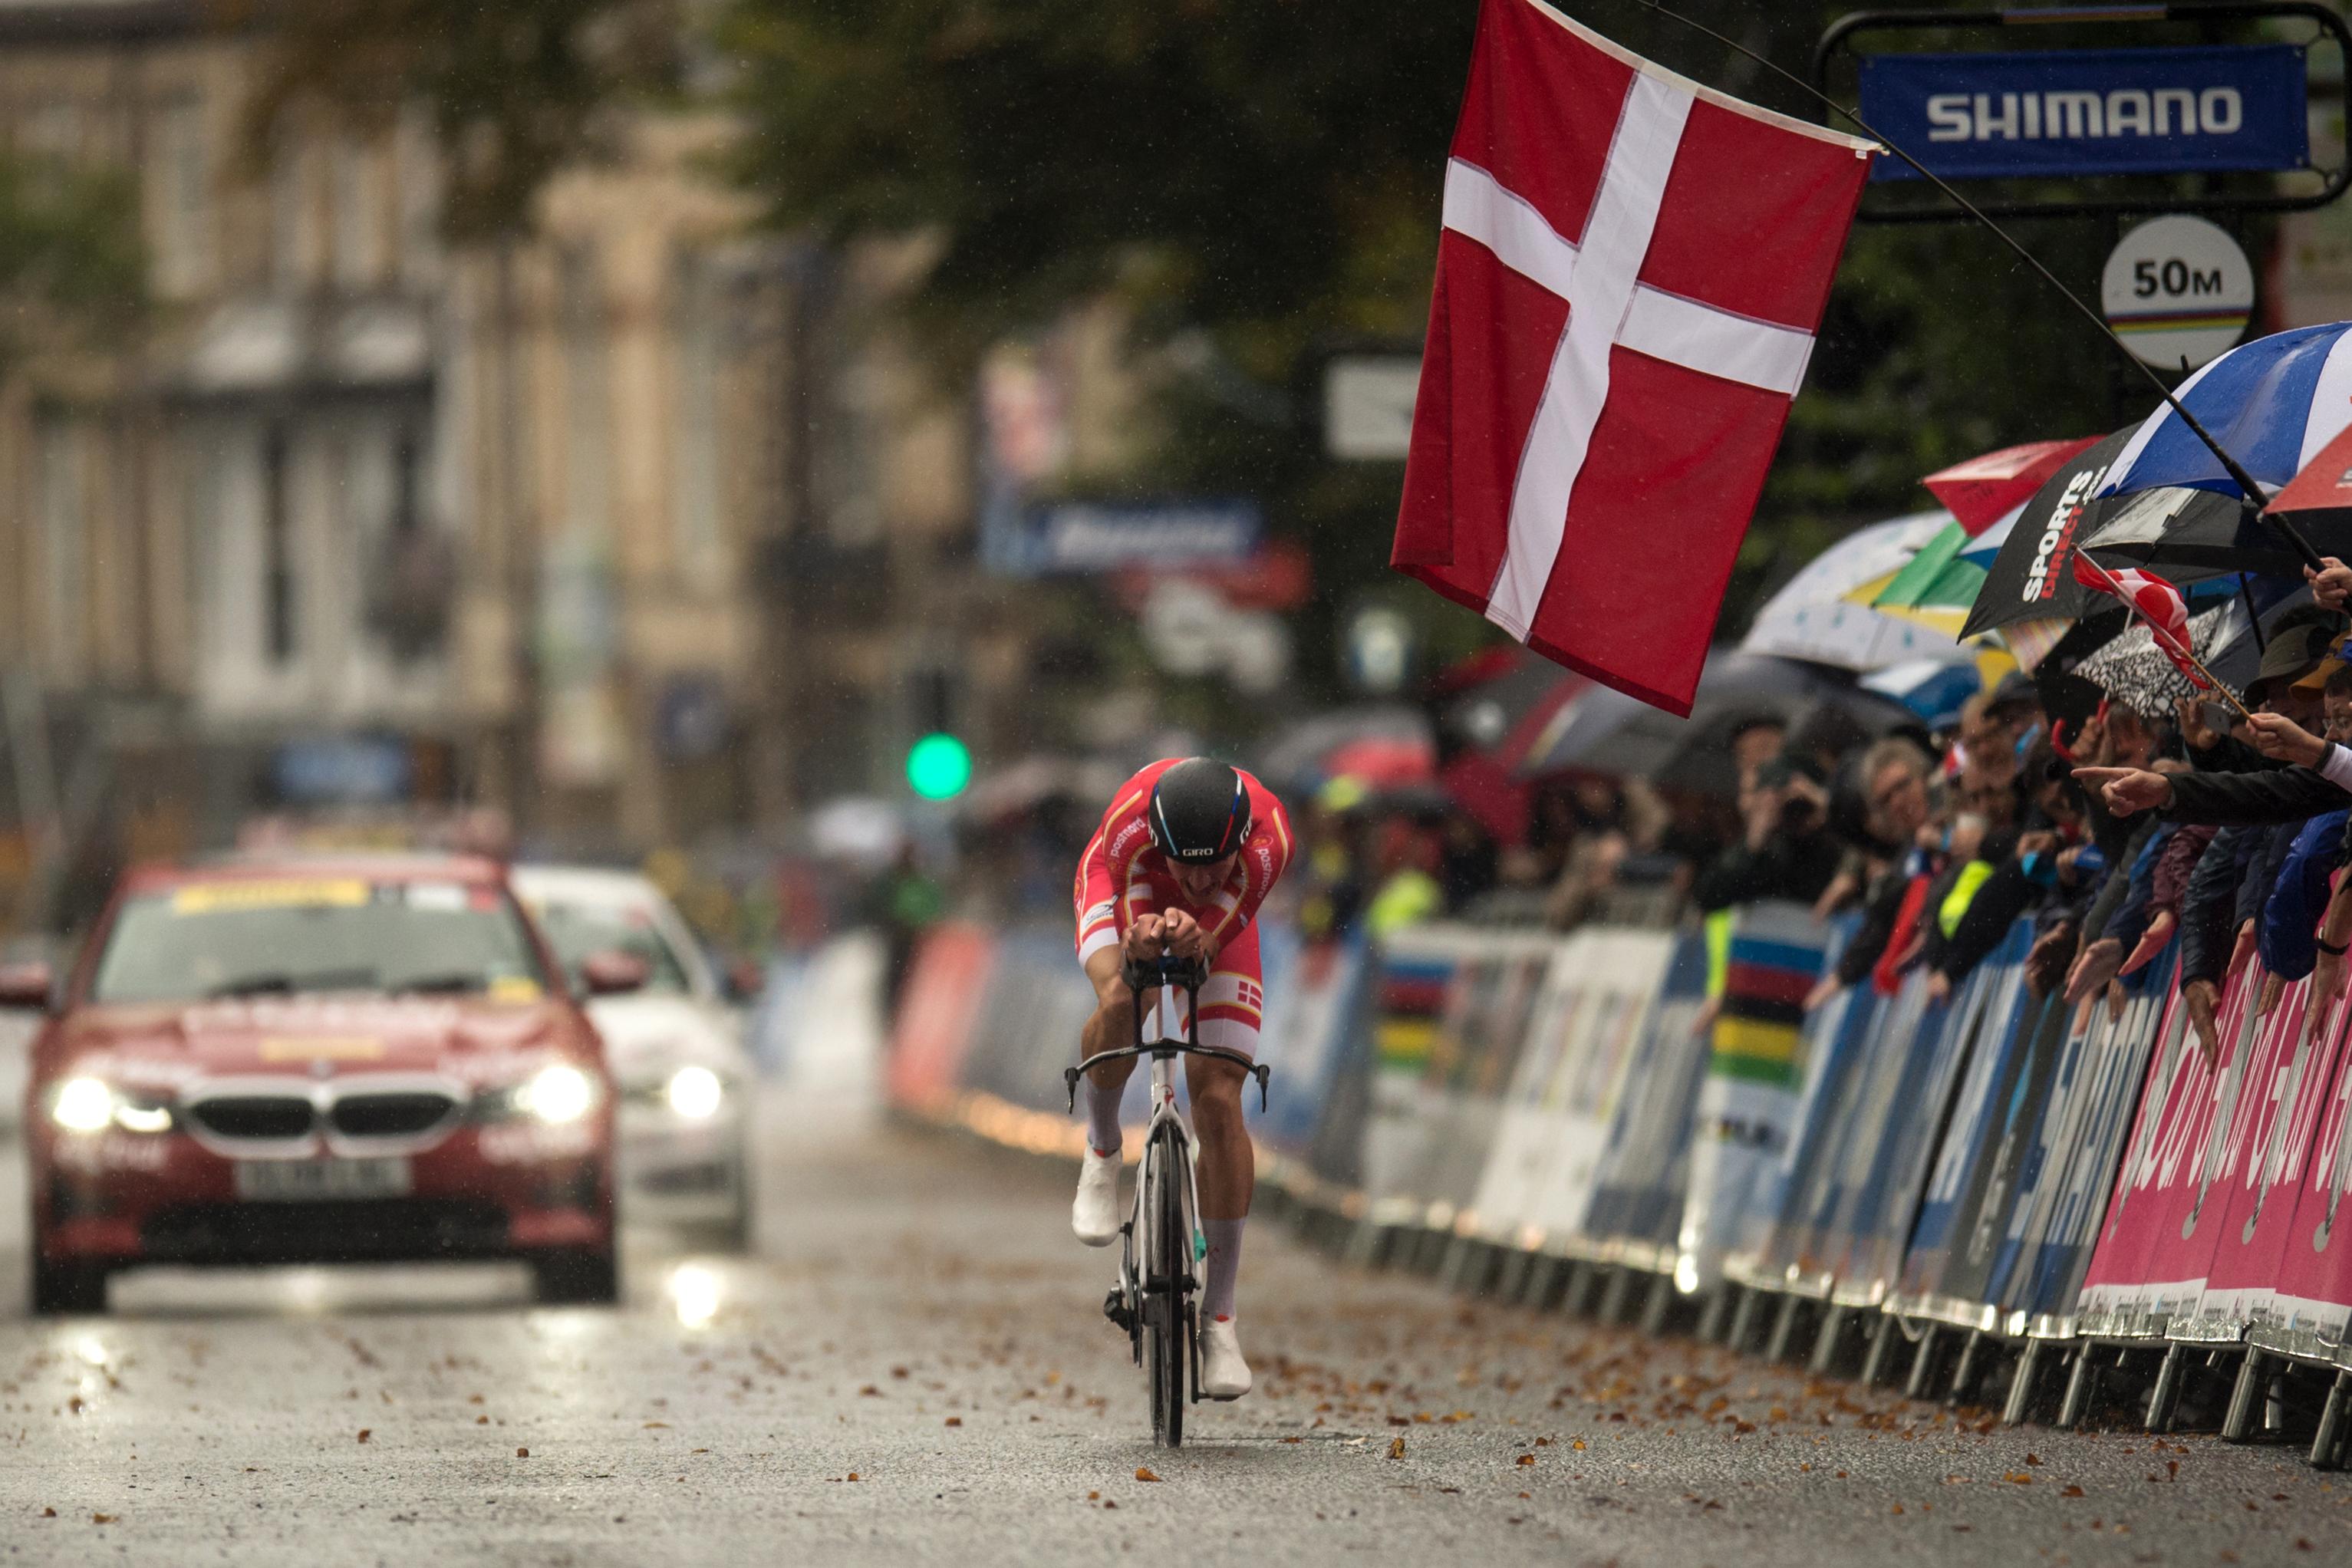 El ecuatoriano Richard Carapaz, ganador del último Giro de Italia, y el colombiano Nairo Quintana también dijeron adiós, como el reciente vencedor de la Vuelta a España, el esloveno Primoz Roglic